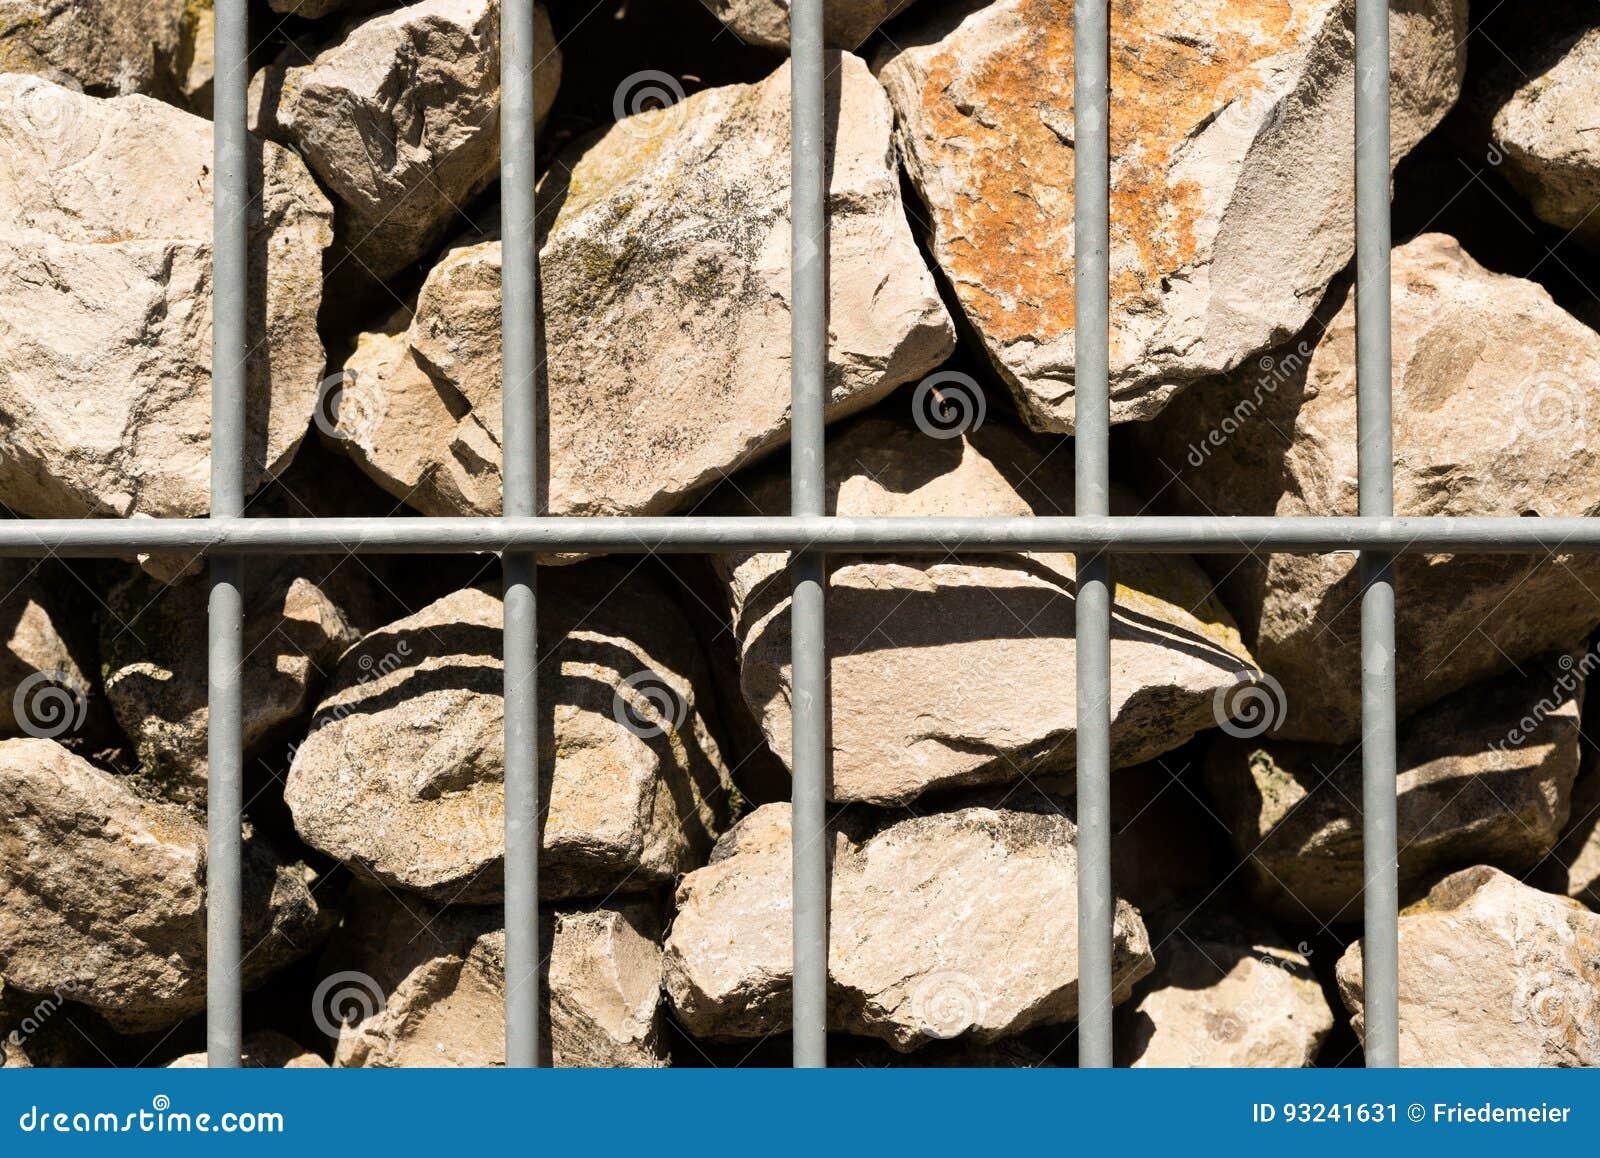 Ansicht Eines Metallkafigs Fur Steine Stockbild Bild Von Zaun